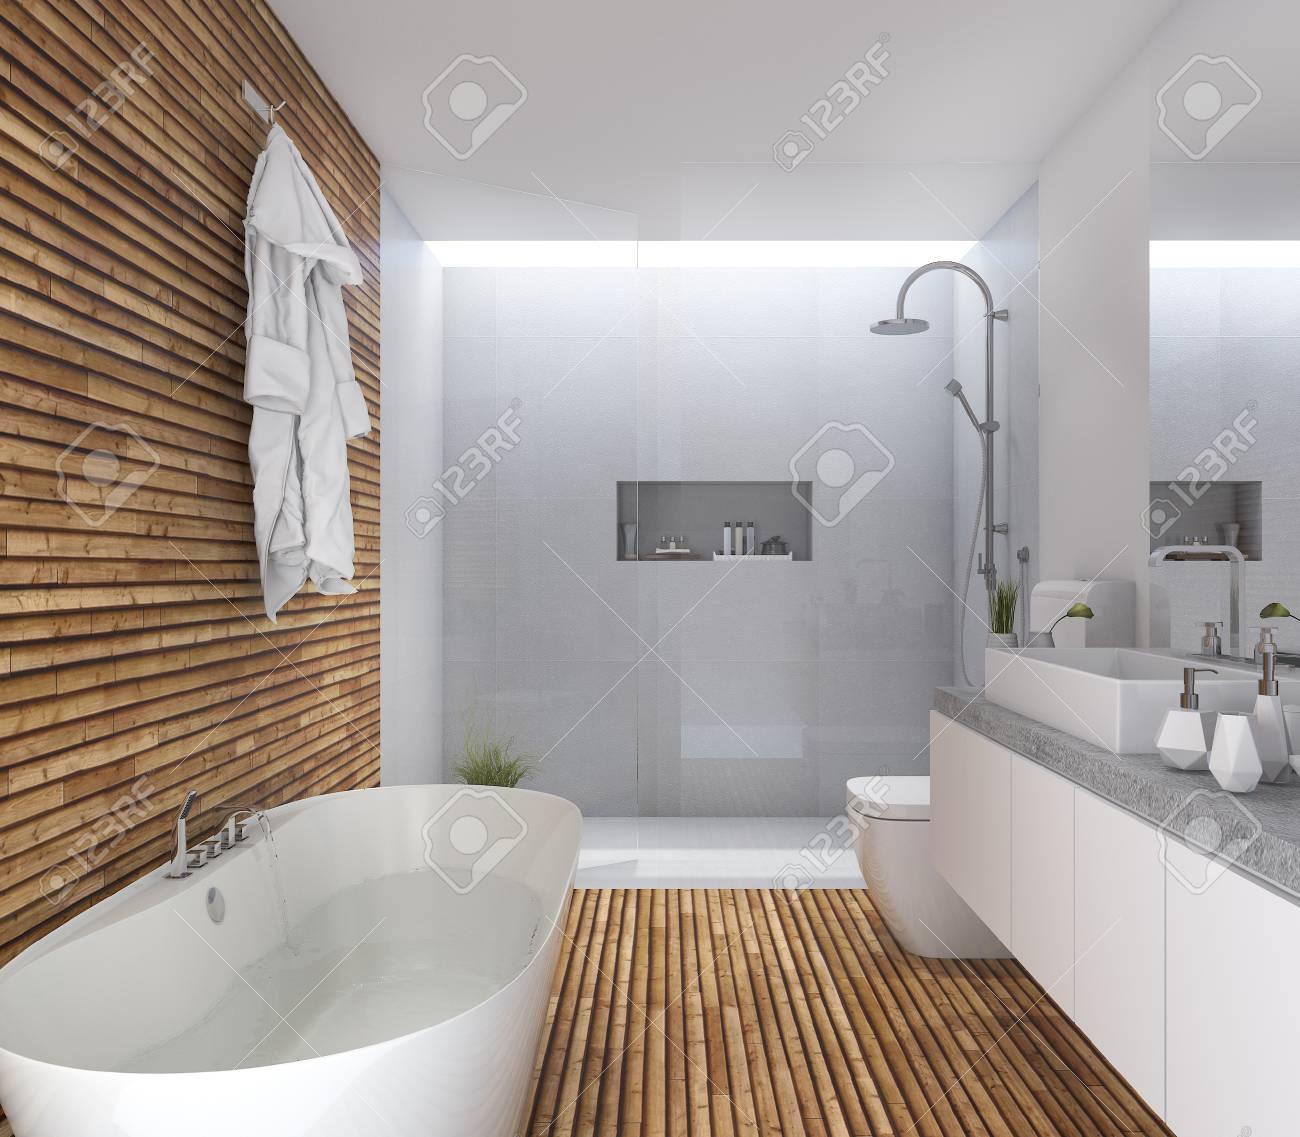 Cuarto de baño moderno de madera de la representación 3d con diseño  agradable